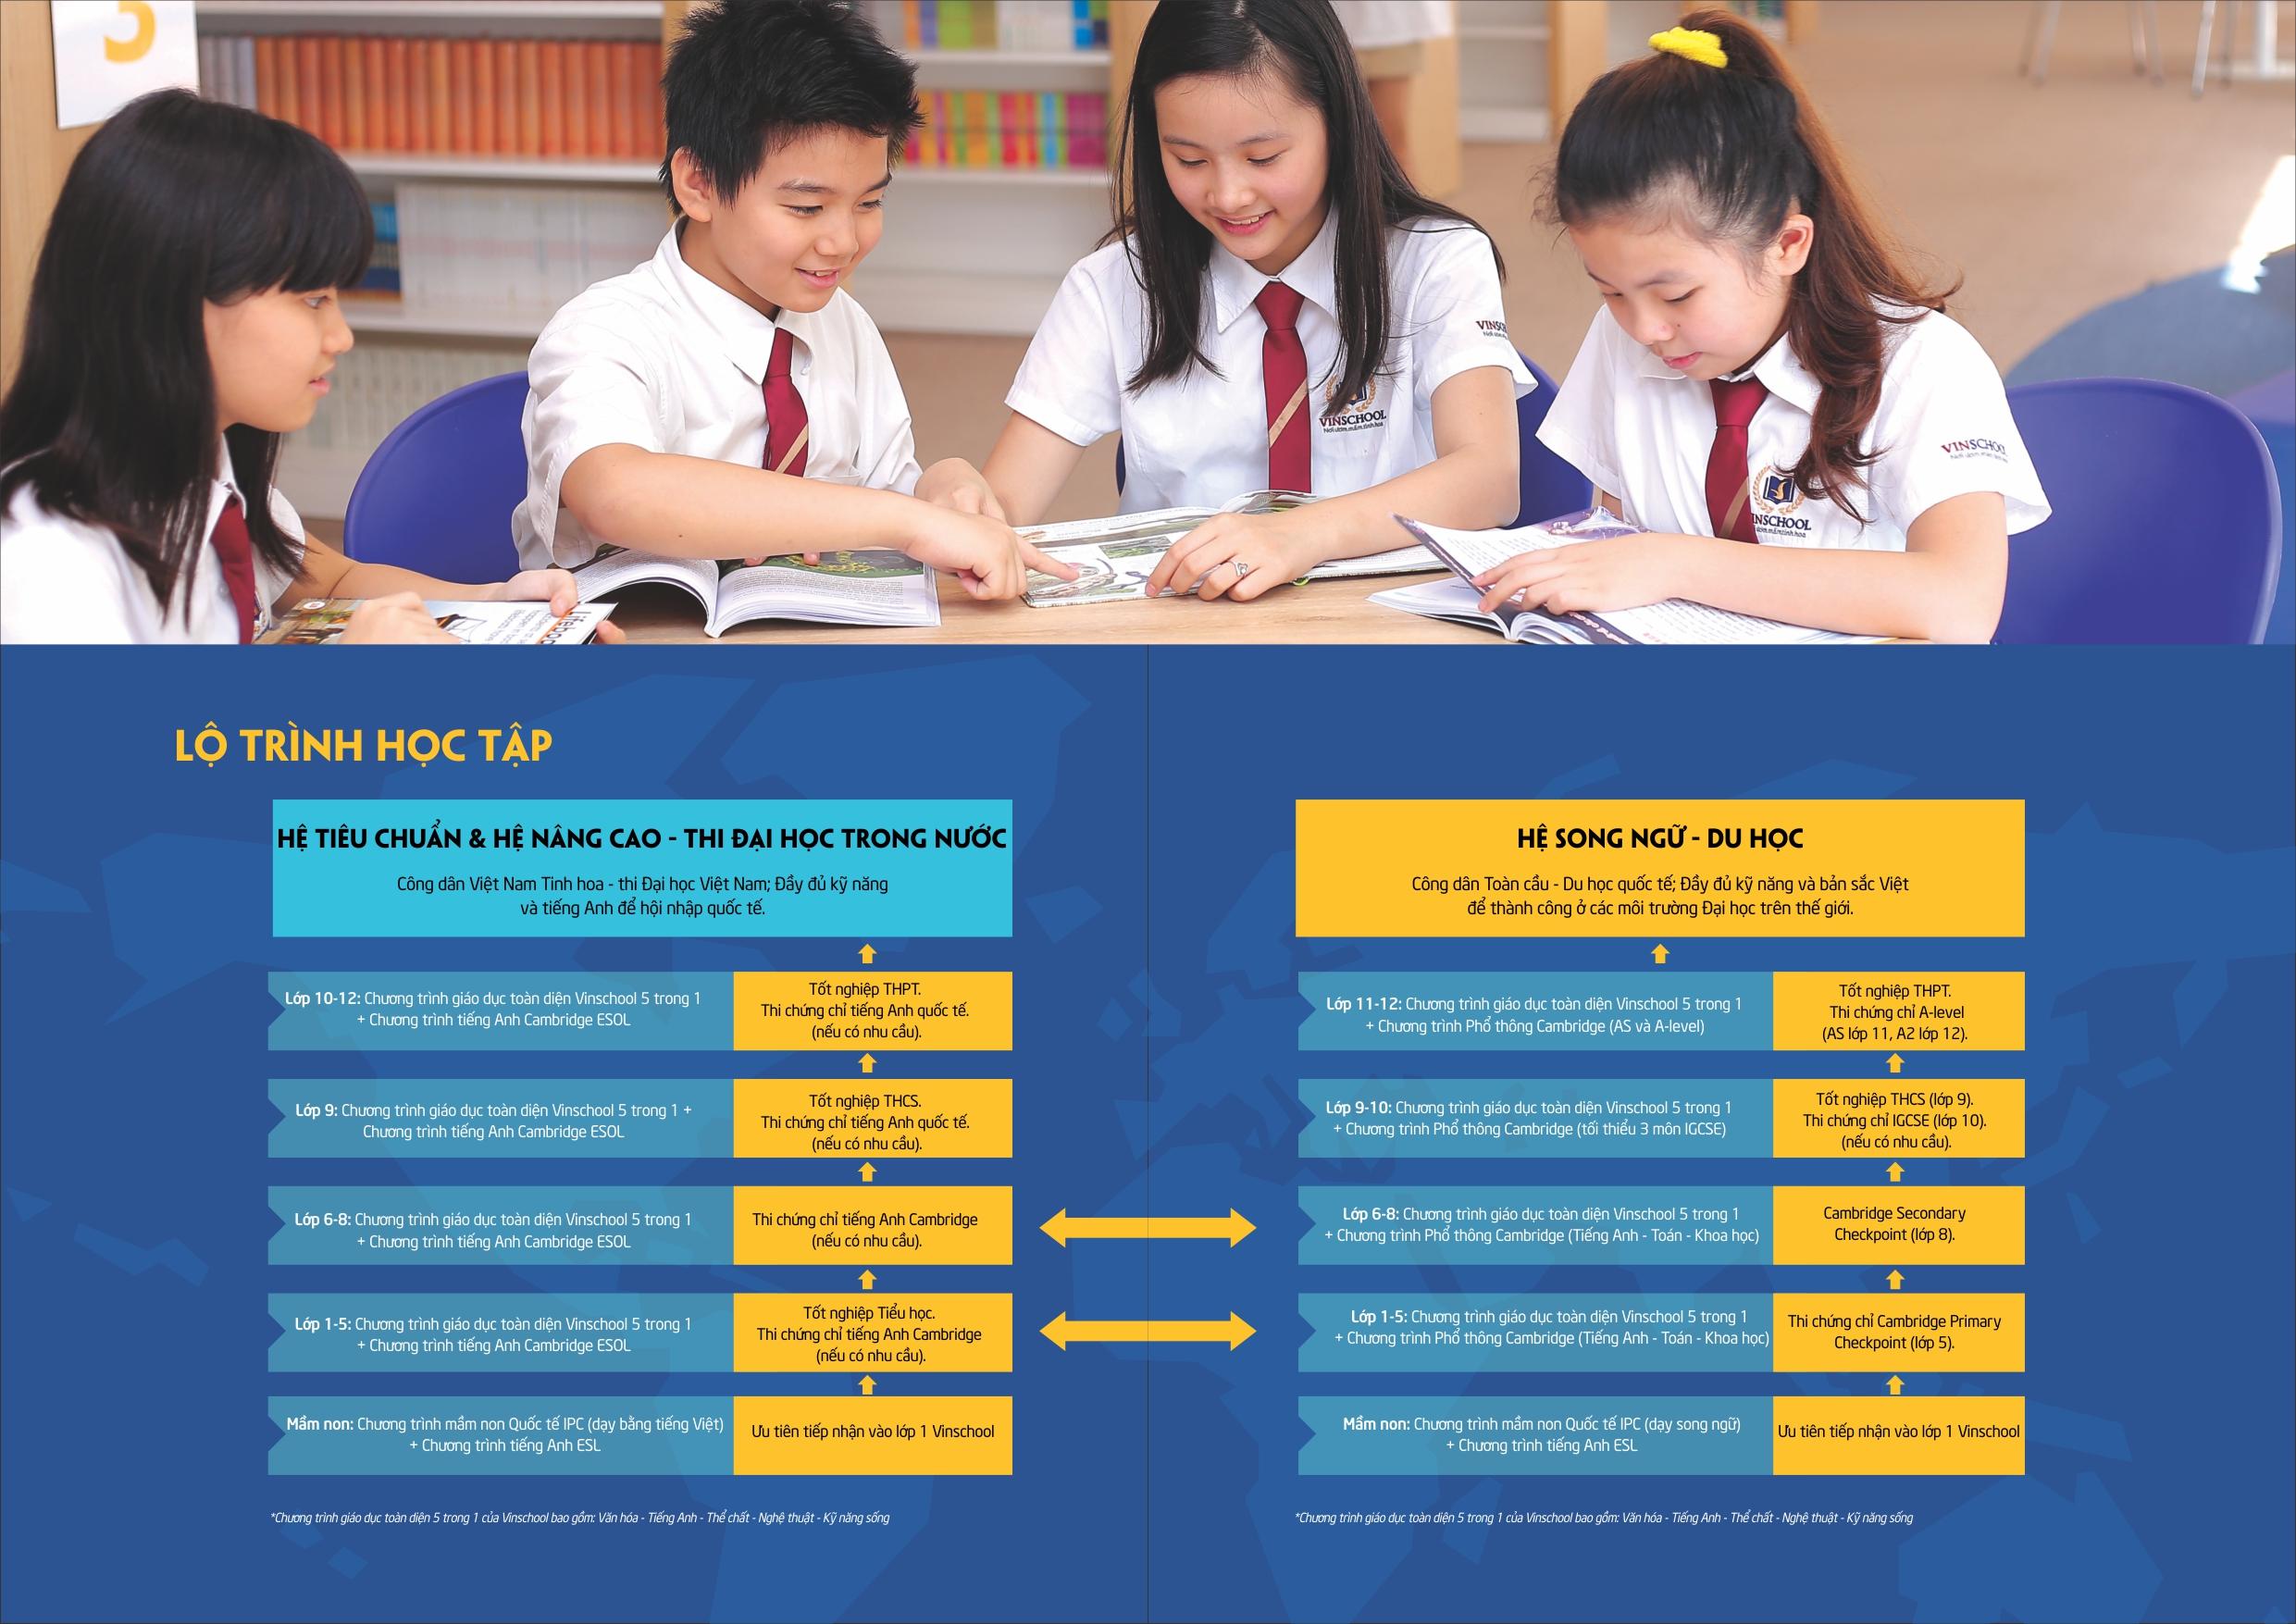 Chương trình học trường phổ thông liên cấp Vinschool (Ảnh: website nhà trường)